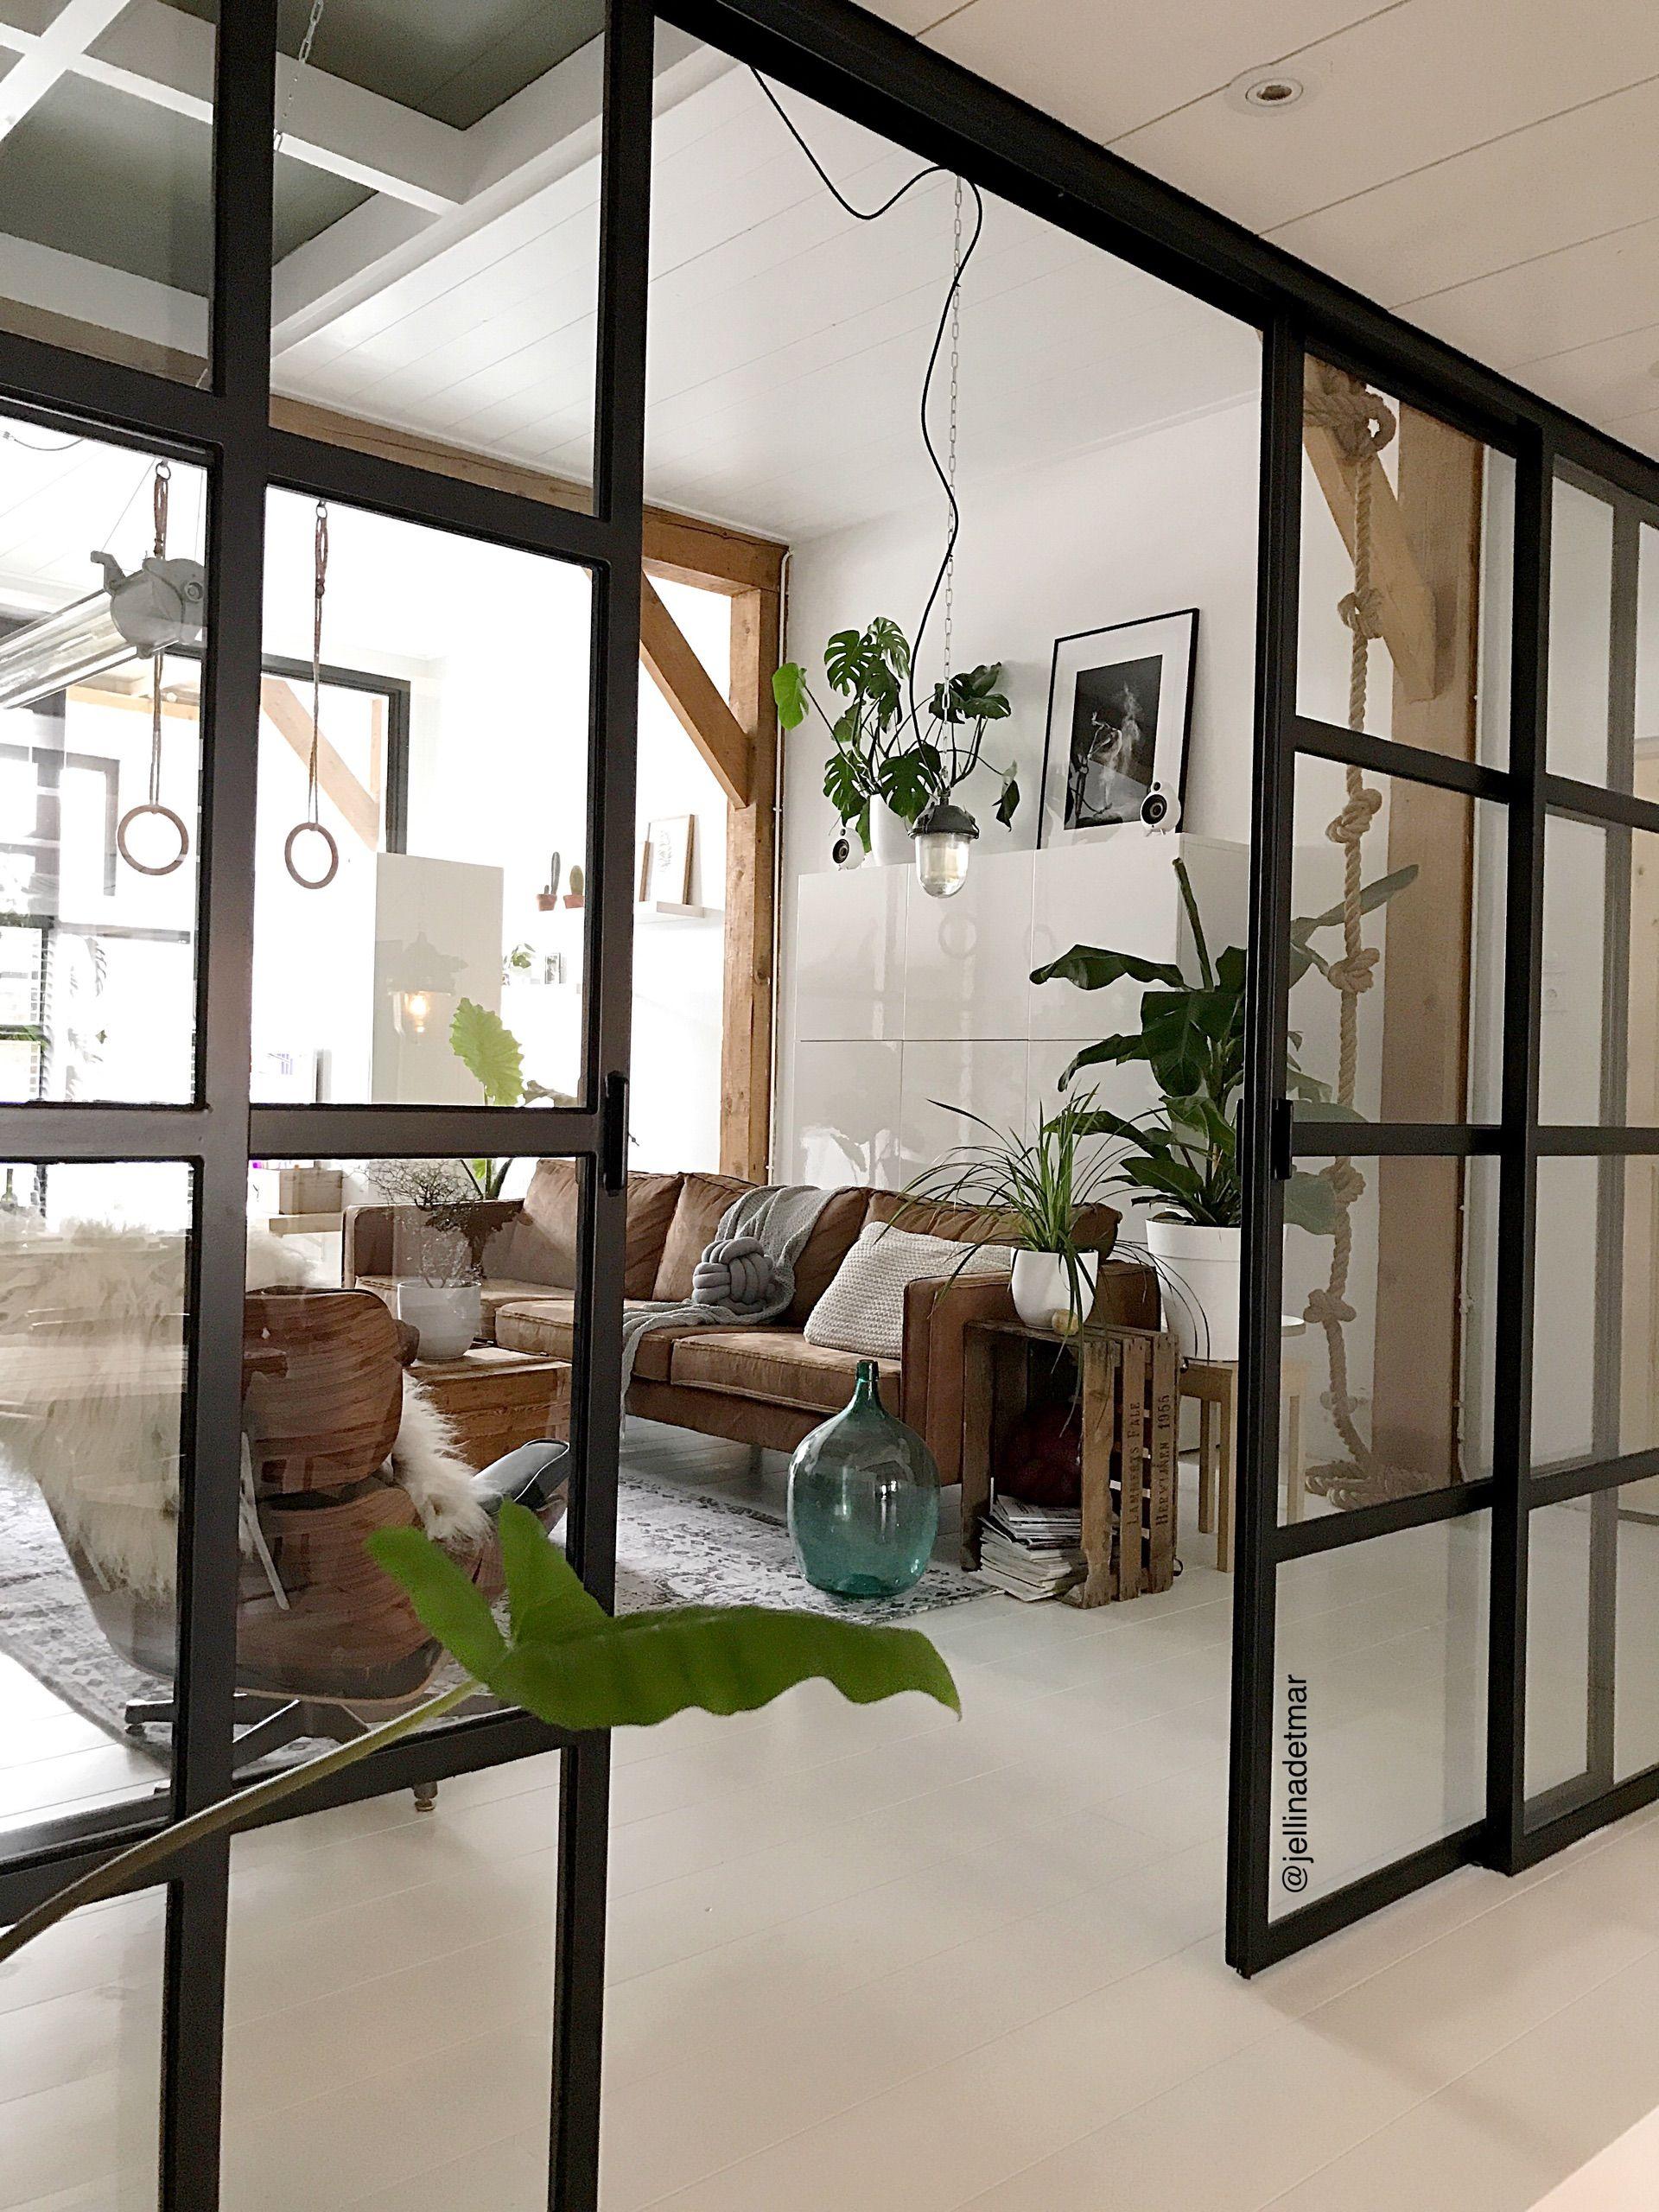 Woonkamer - Binnenkijken bij jellinadetmar | Escalera, Interiores y ...